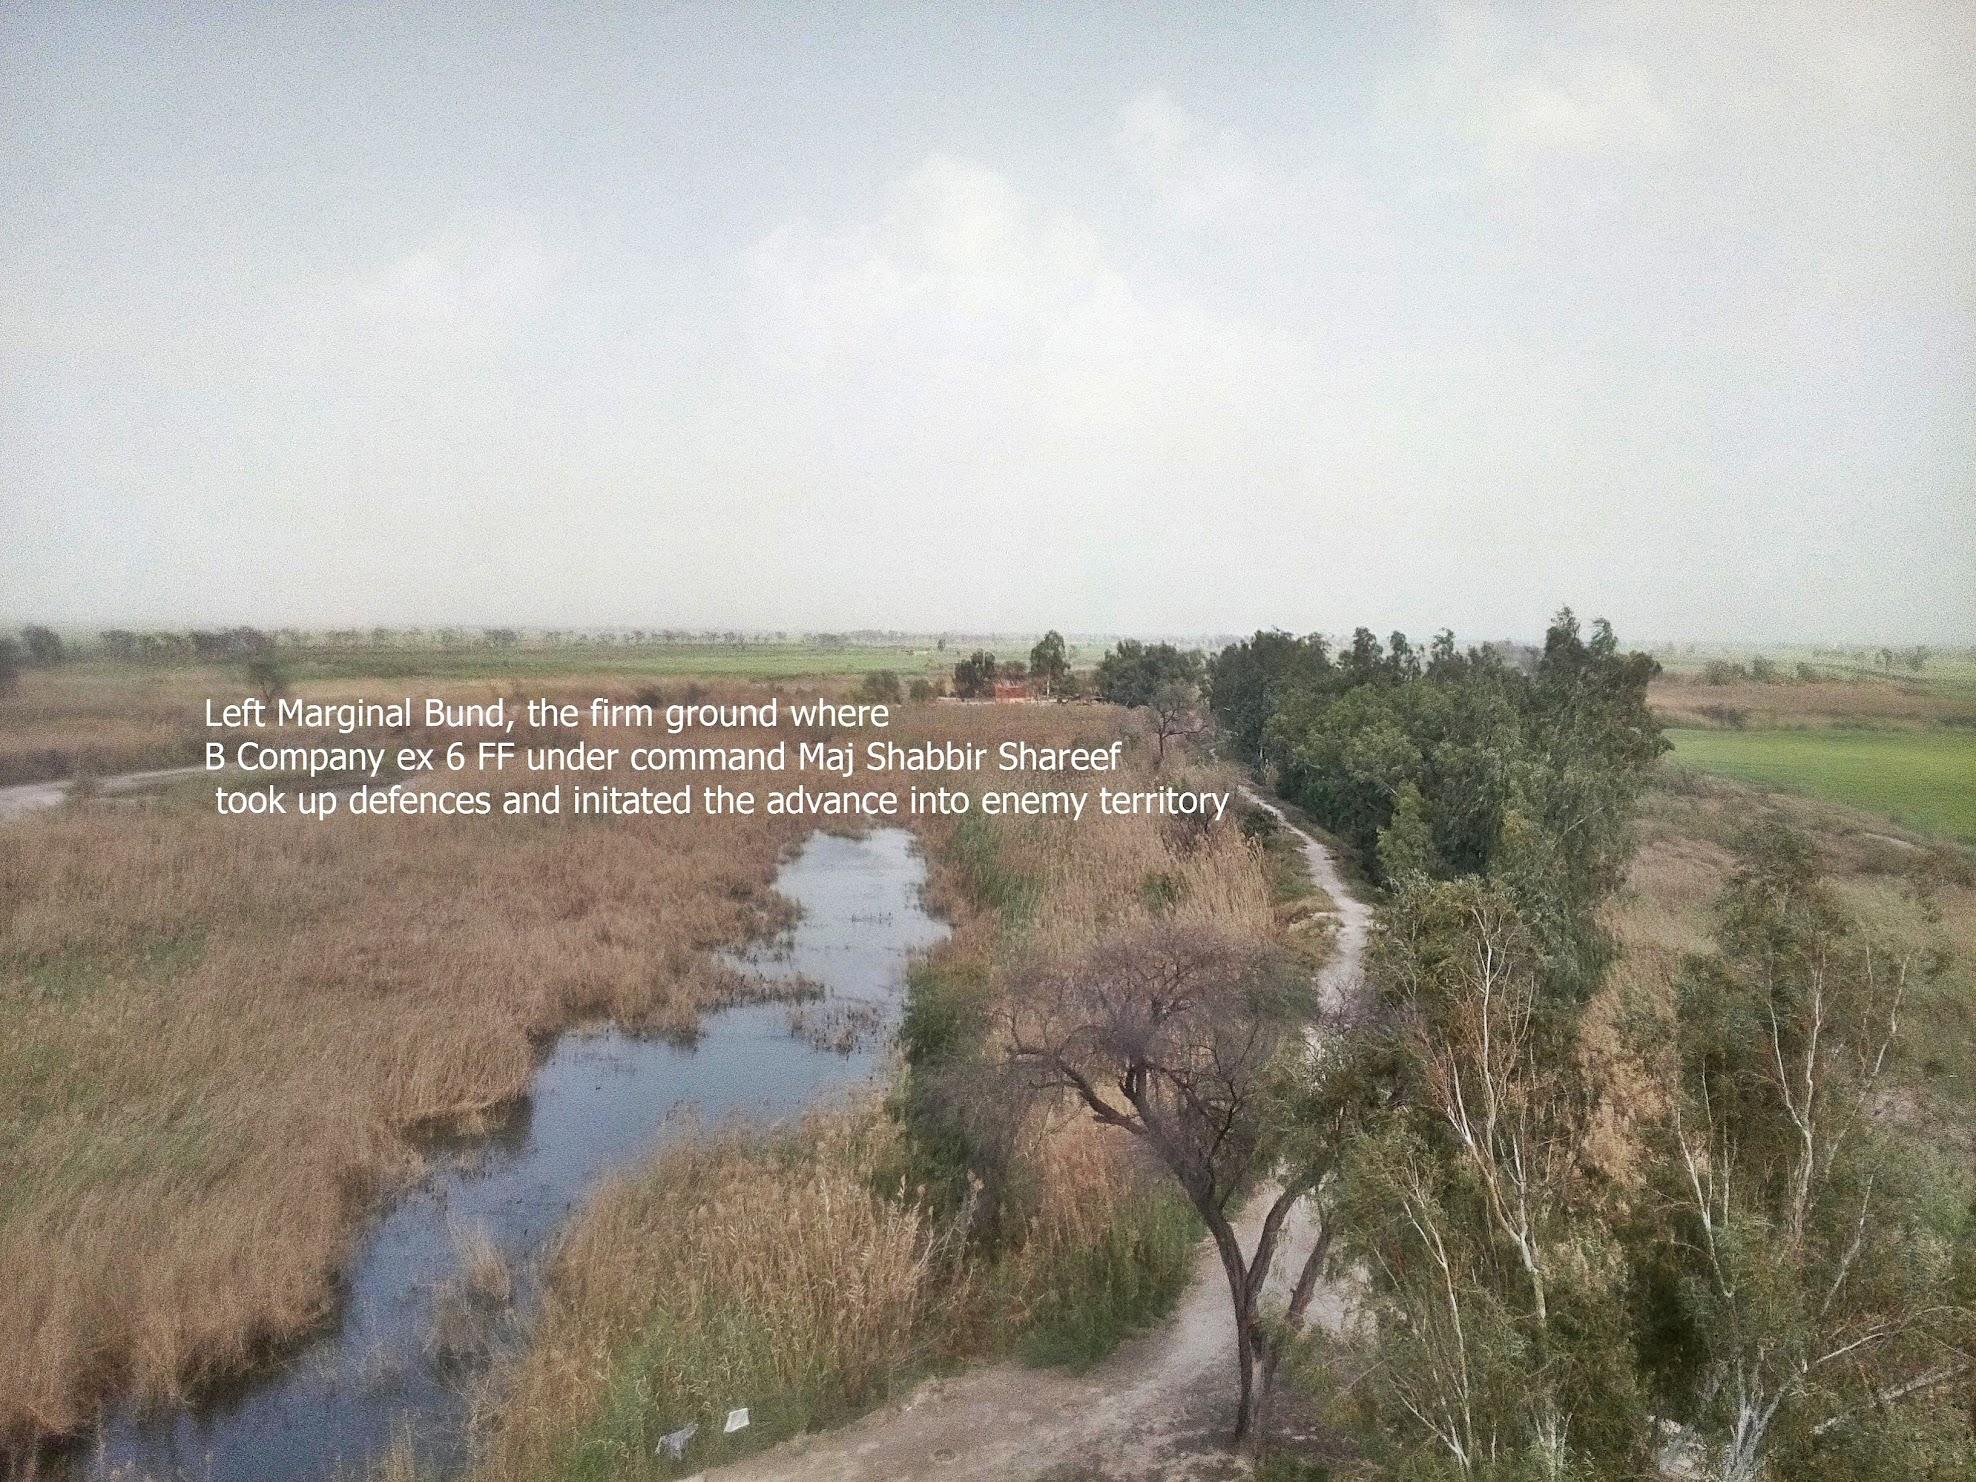 Left Marginal Bund at Sulemanki HW